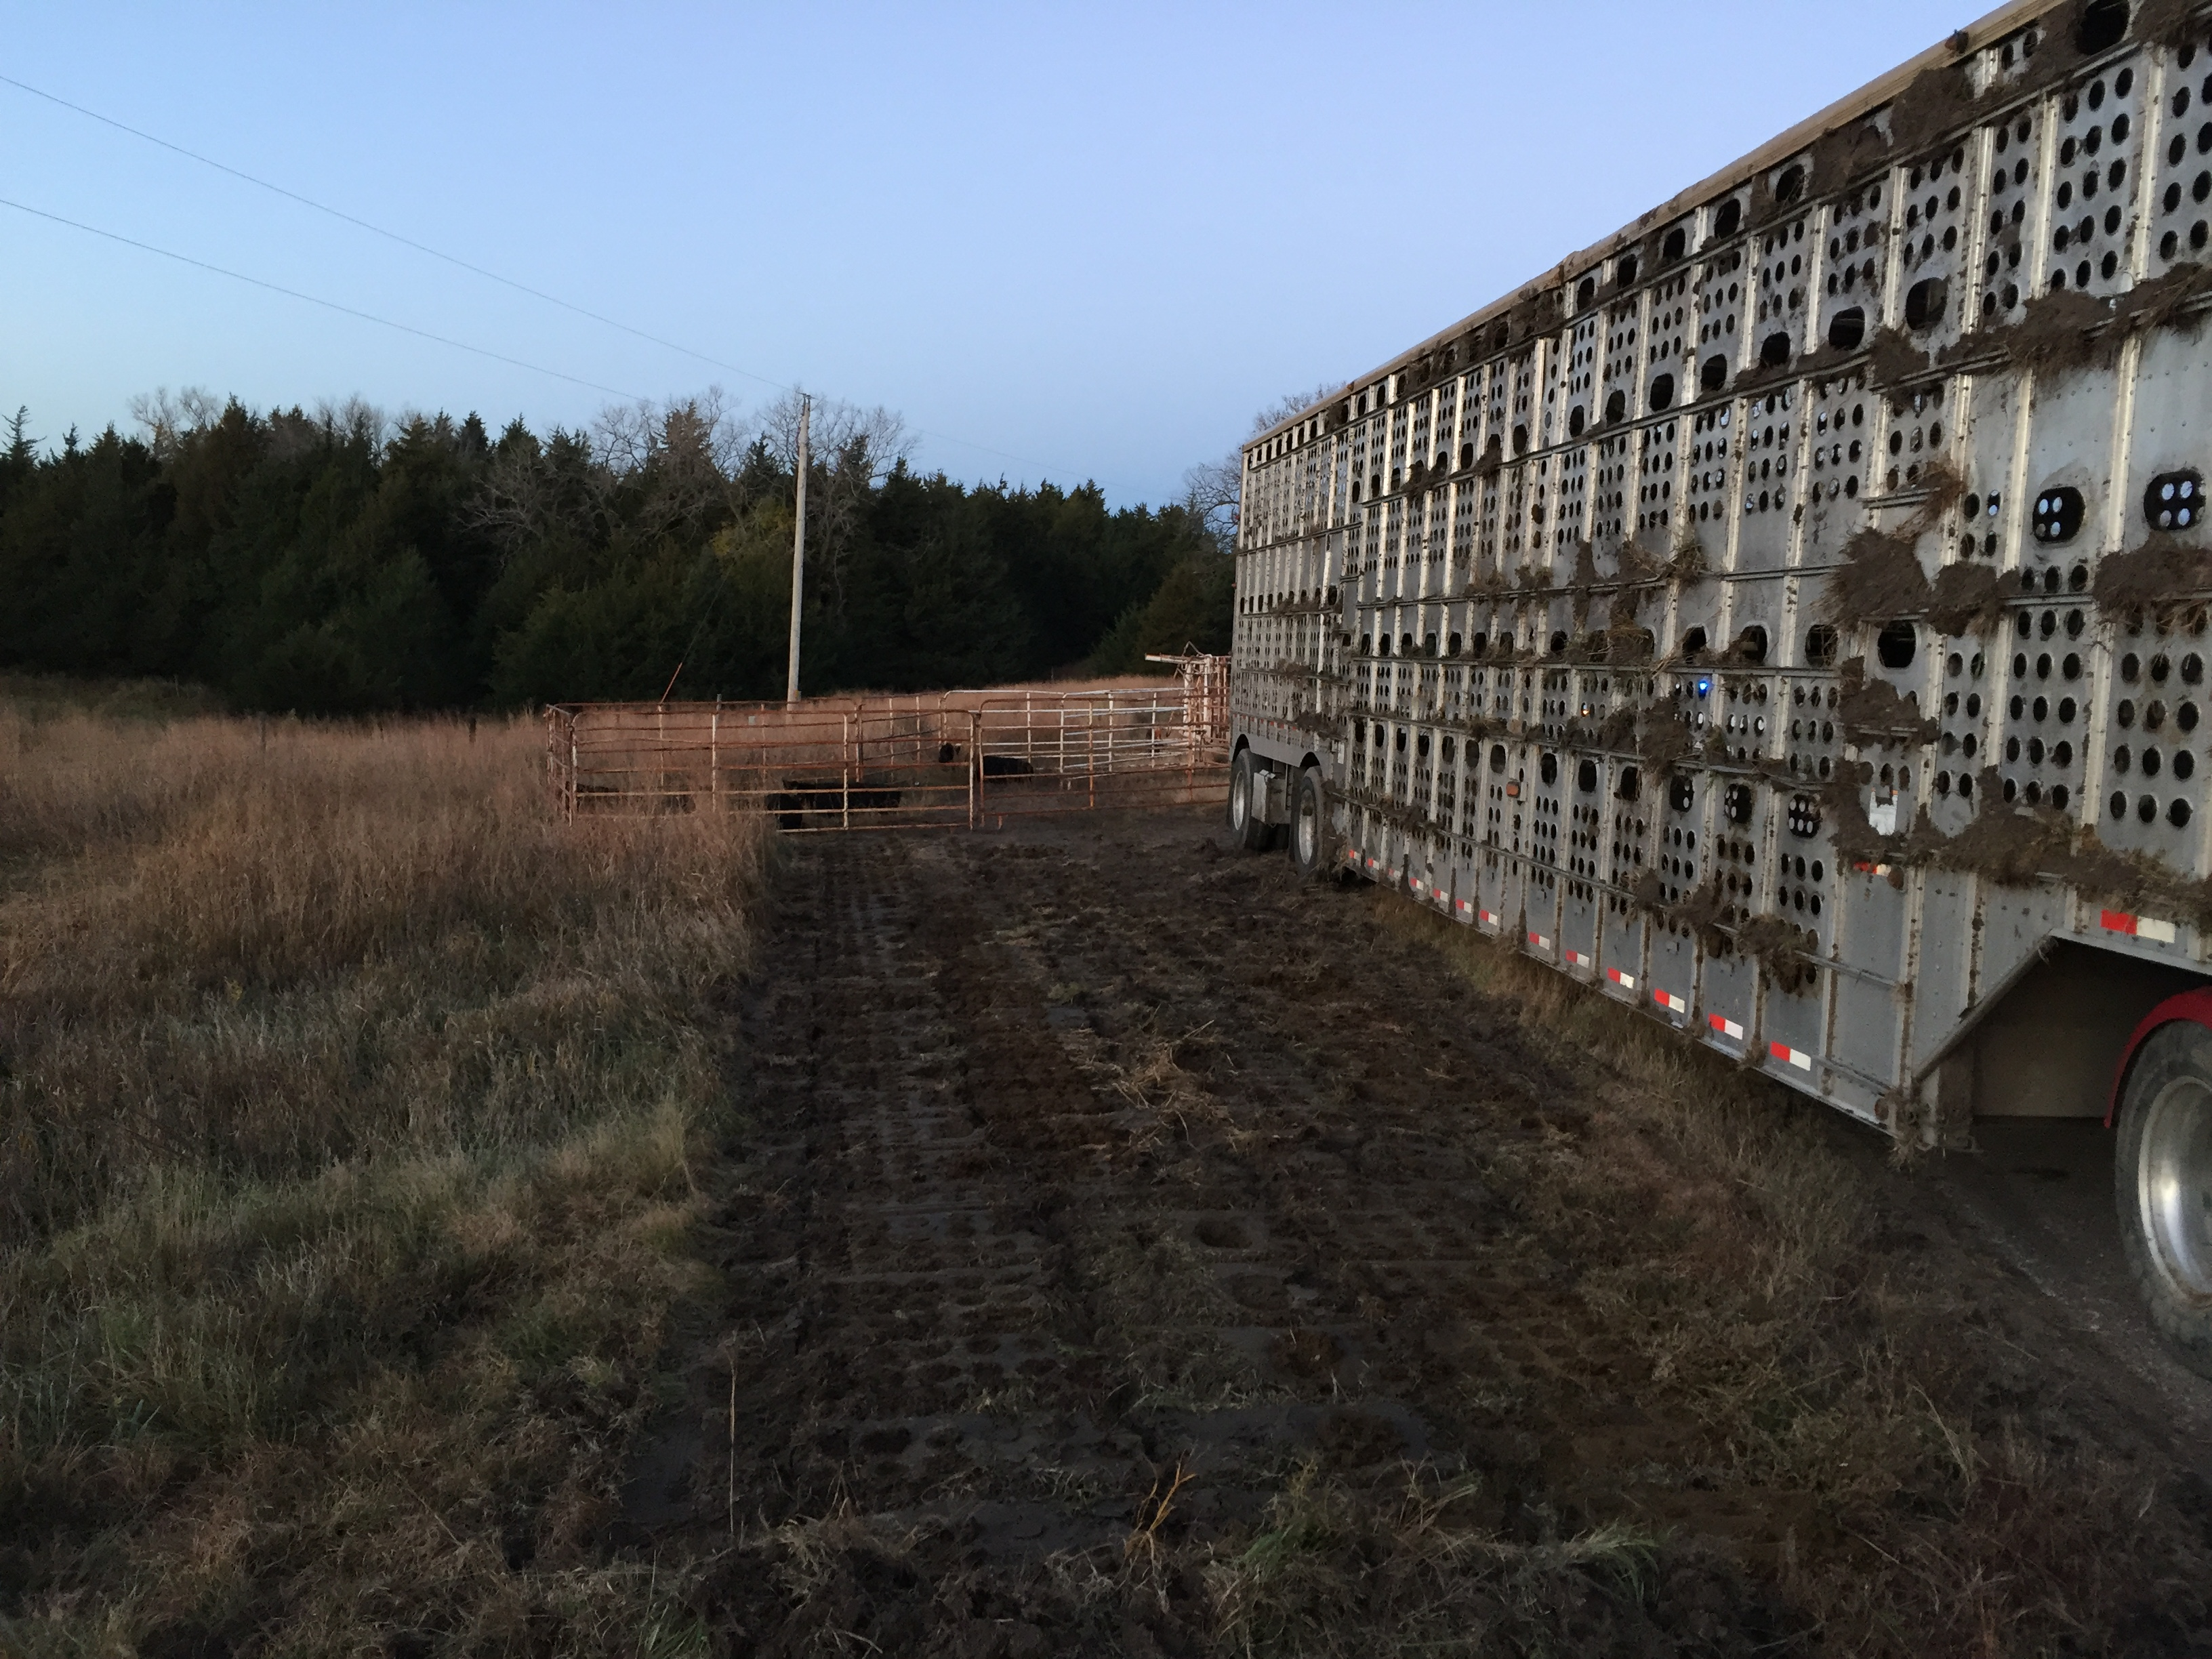 South Dakota Bullrack